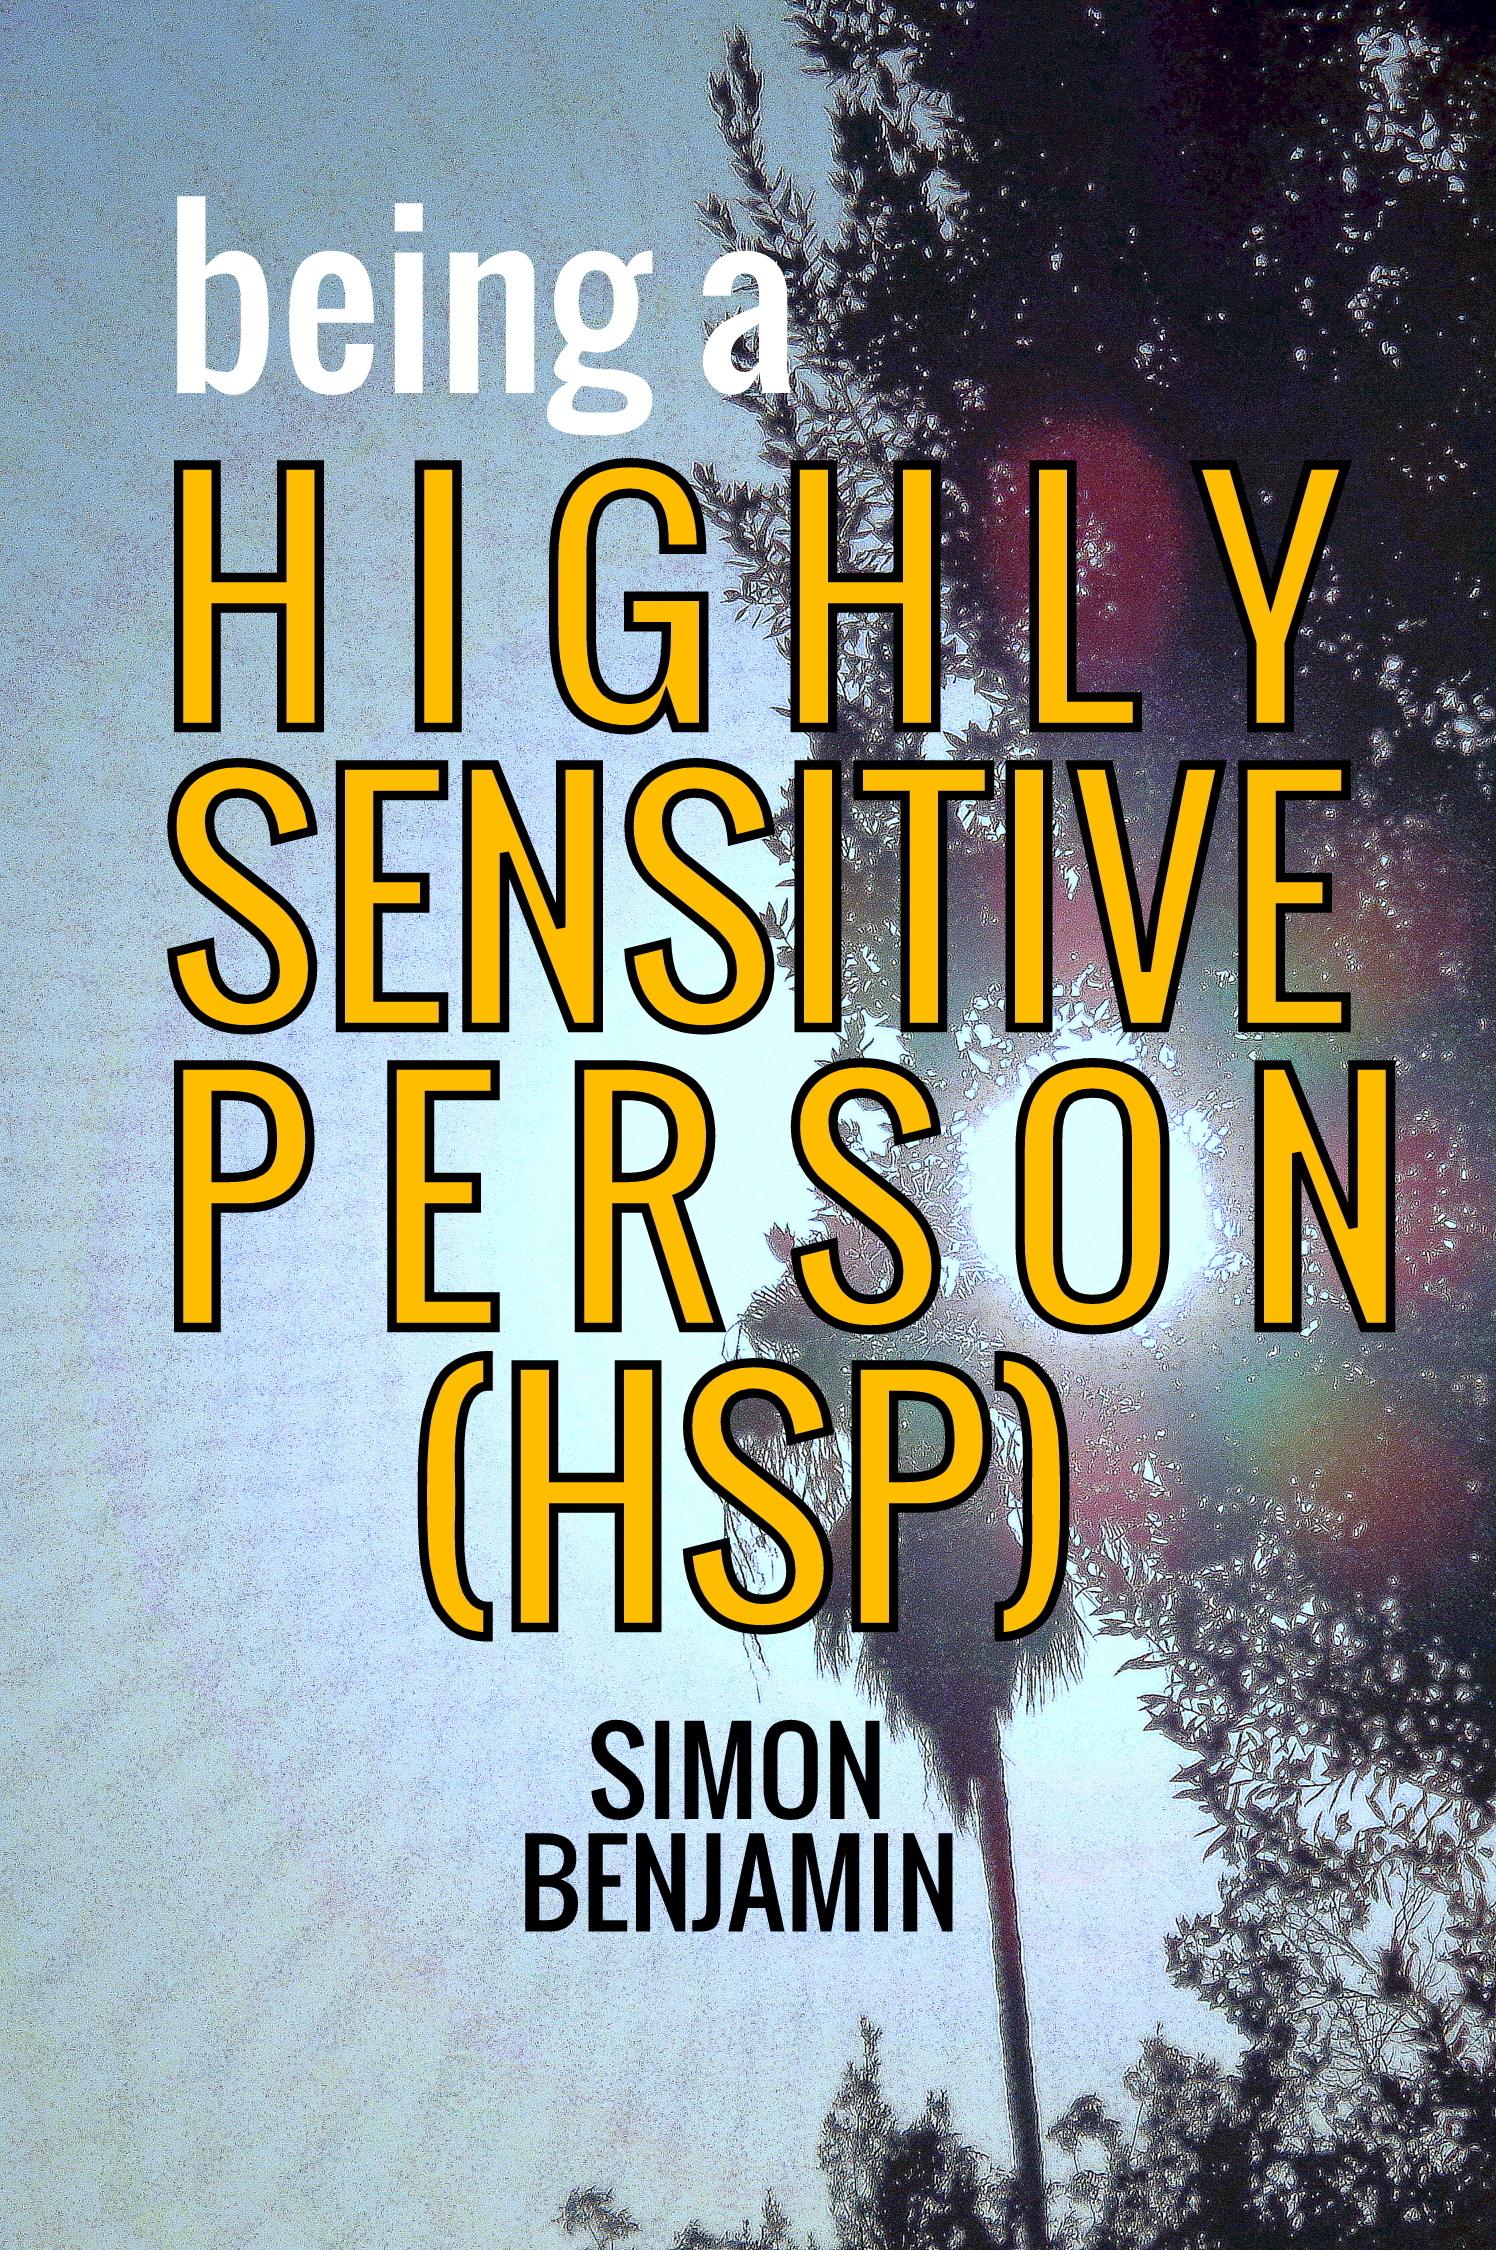 Being a Highly Sensitive Person Simon Benjamin